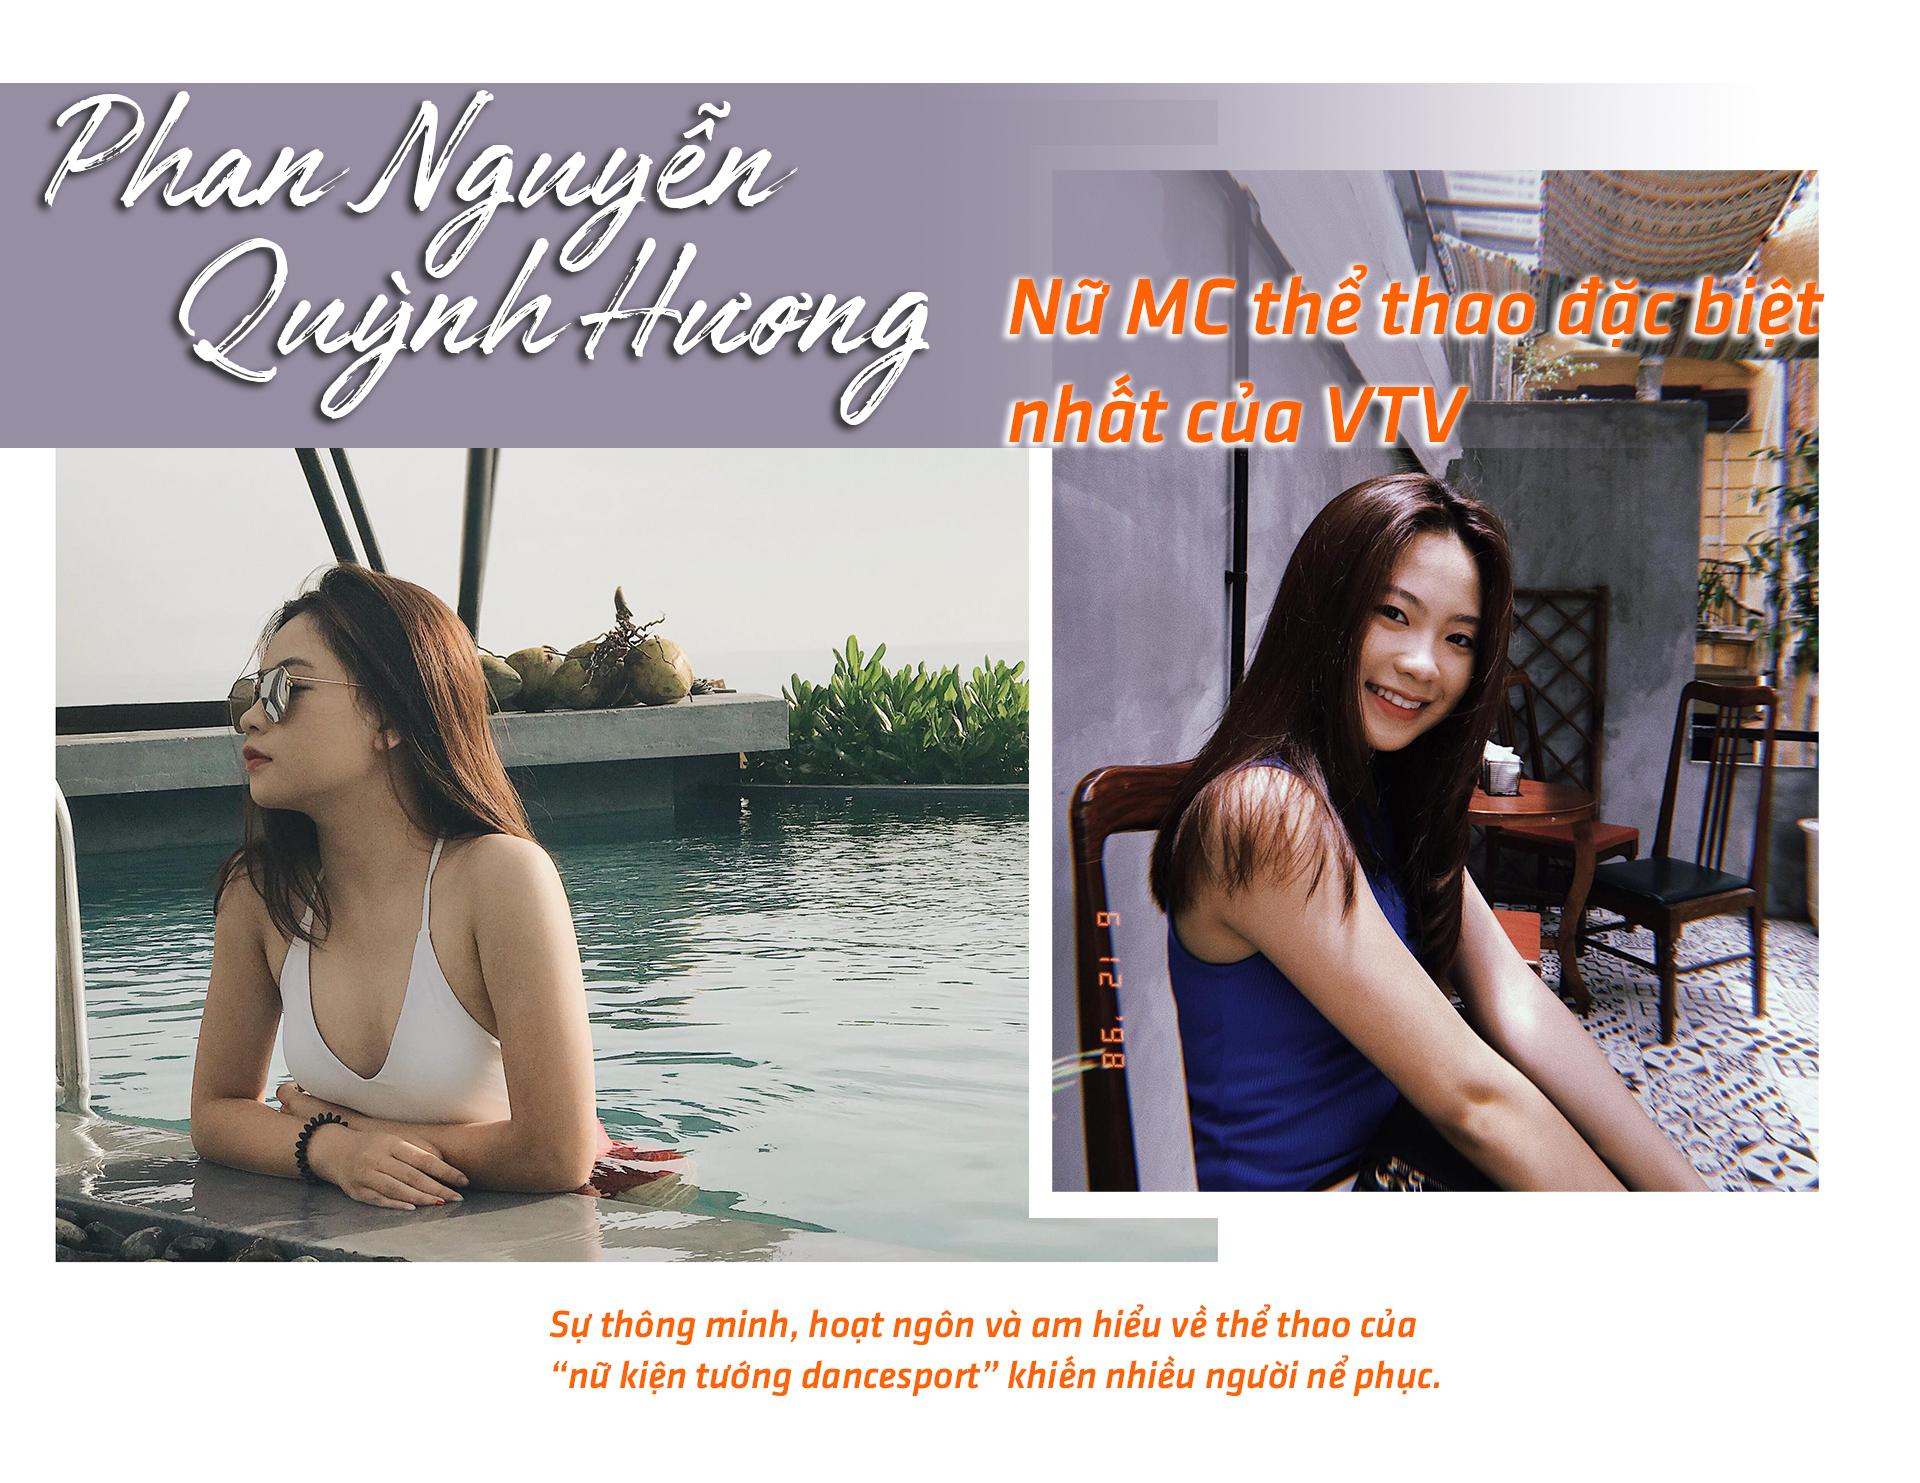 Phan Nguyễn Quỳnh Hương: Nữ MC thể thao đặc biệt nhất của VTV - 1